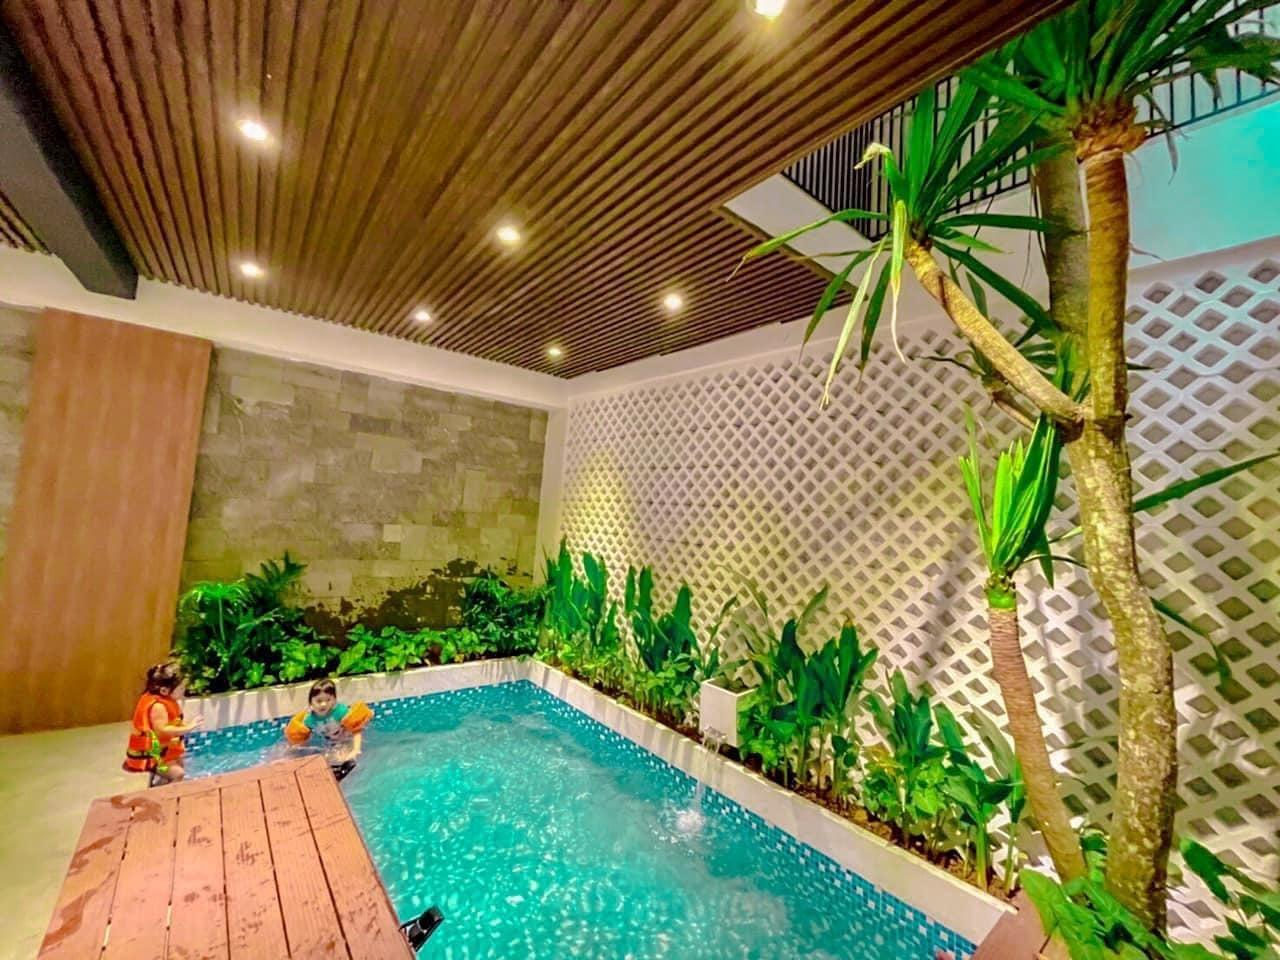 Nhà diện tích 50m2 vẫn có hồ bơi, vườn gác mái nhờ thiết kế tài tình-3